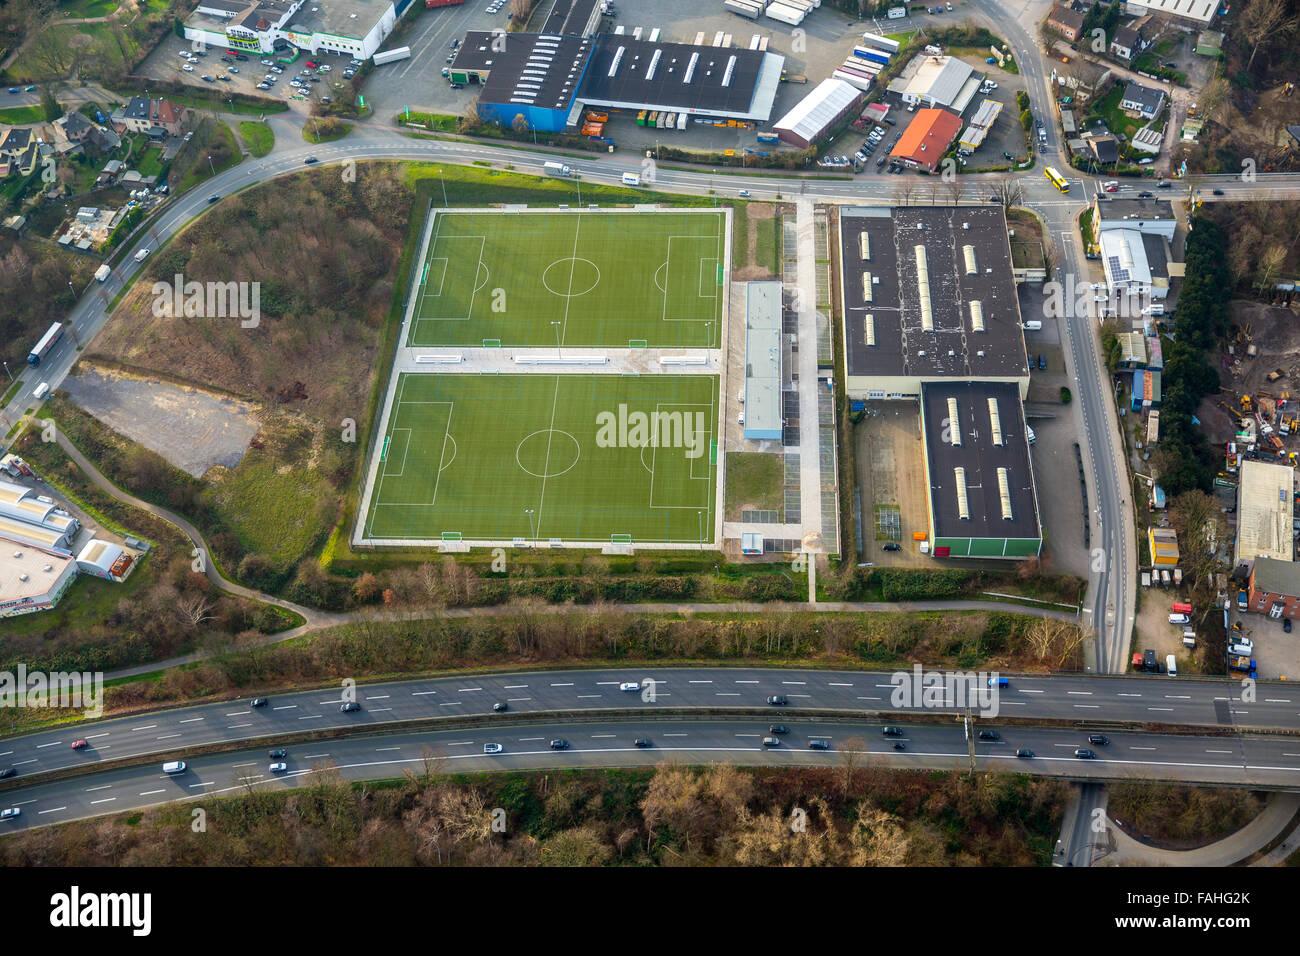 Vista aerea, campi sportivi, di allenamento per il calcio piazzole, tappeto erboso artificiale impianto sportivo Immagini Stock